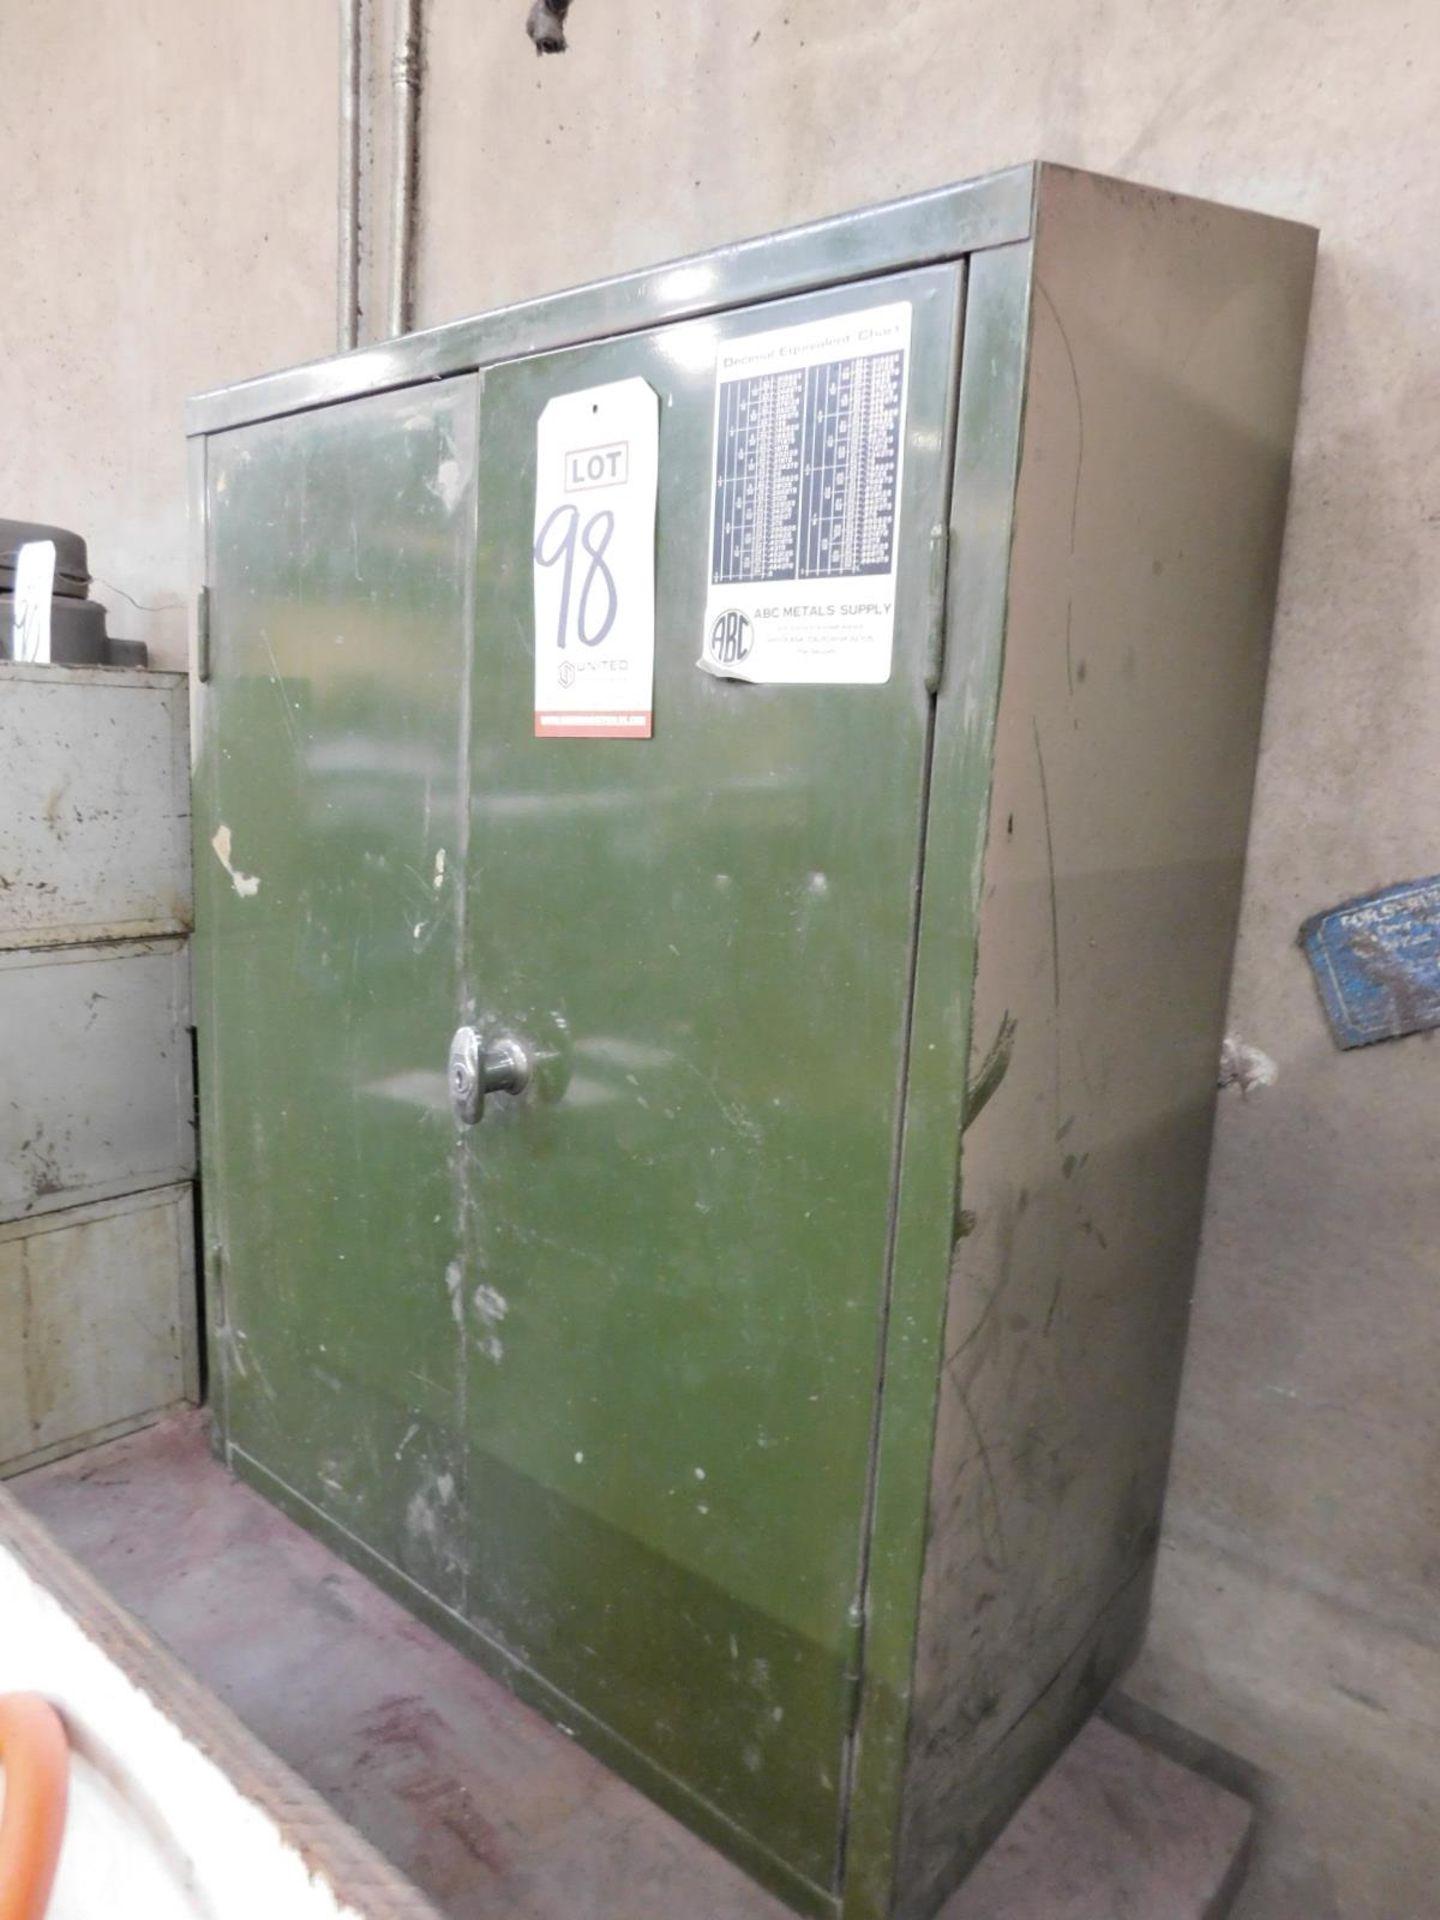 2-DOOR STEEL WALL CABINET, W/ (2) ADJUSTABLE SHELVES, EMPTY